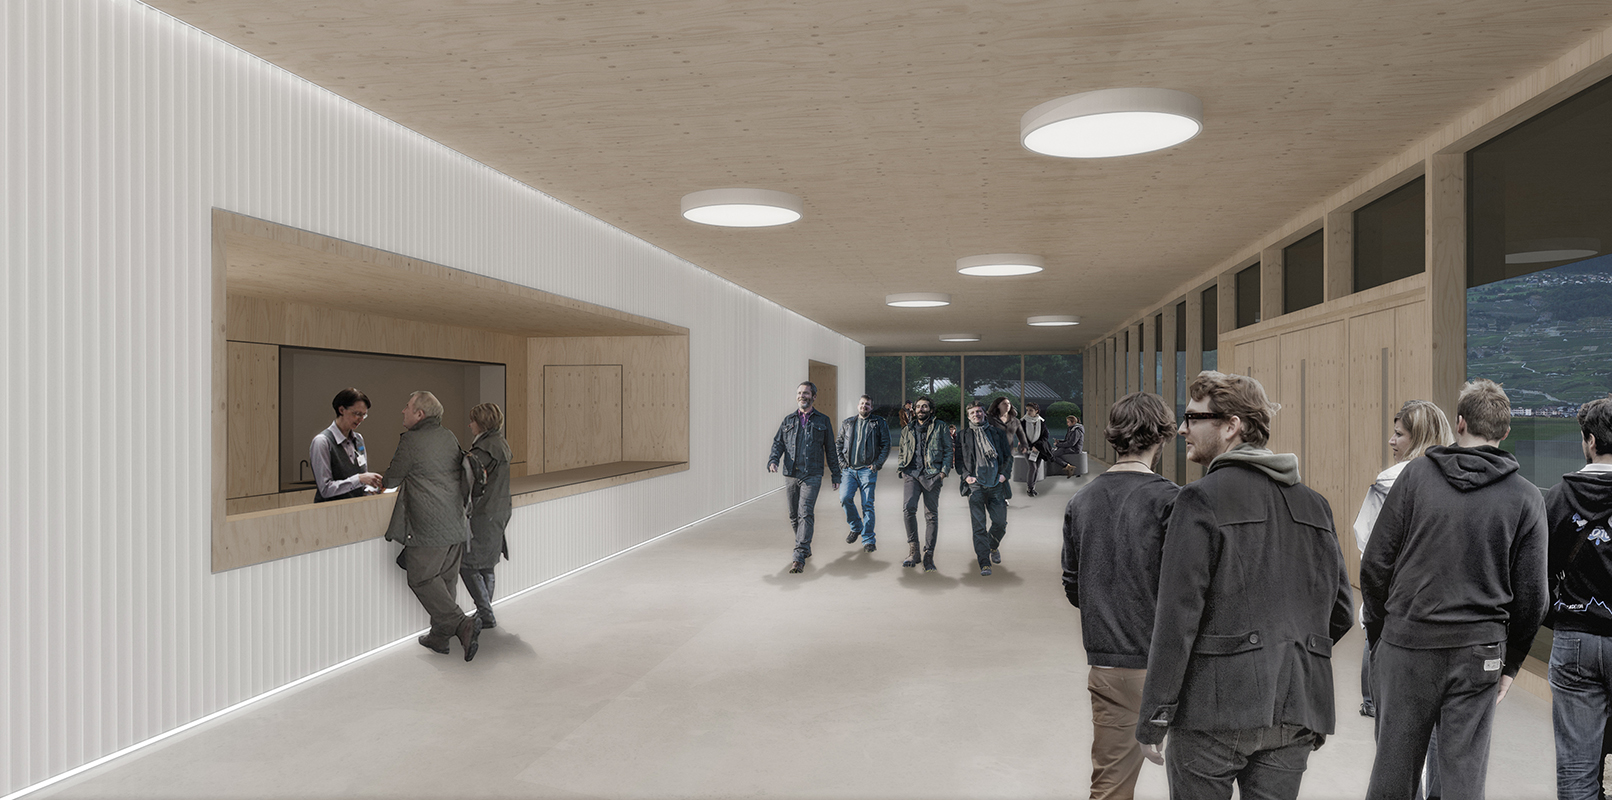 concours d'architecture pour la rénovation et l'agrandissement de la salle polyvalente de Châteauneuf-Conthey - 2016 - 1er prix - cheseauxrey sàrlVUE INTERIEURE